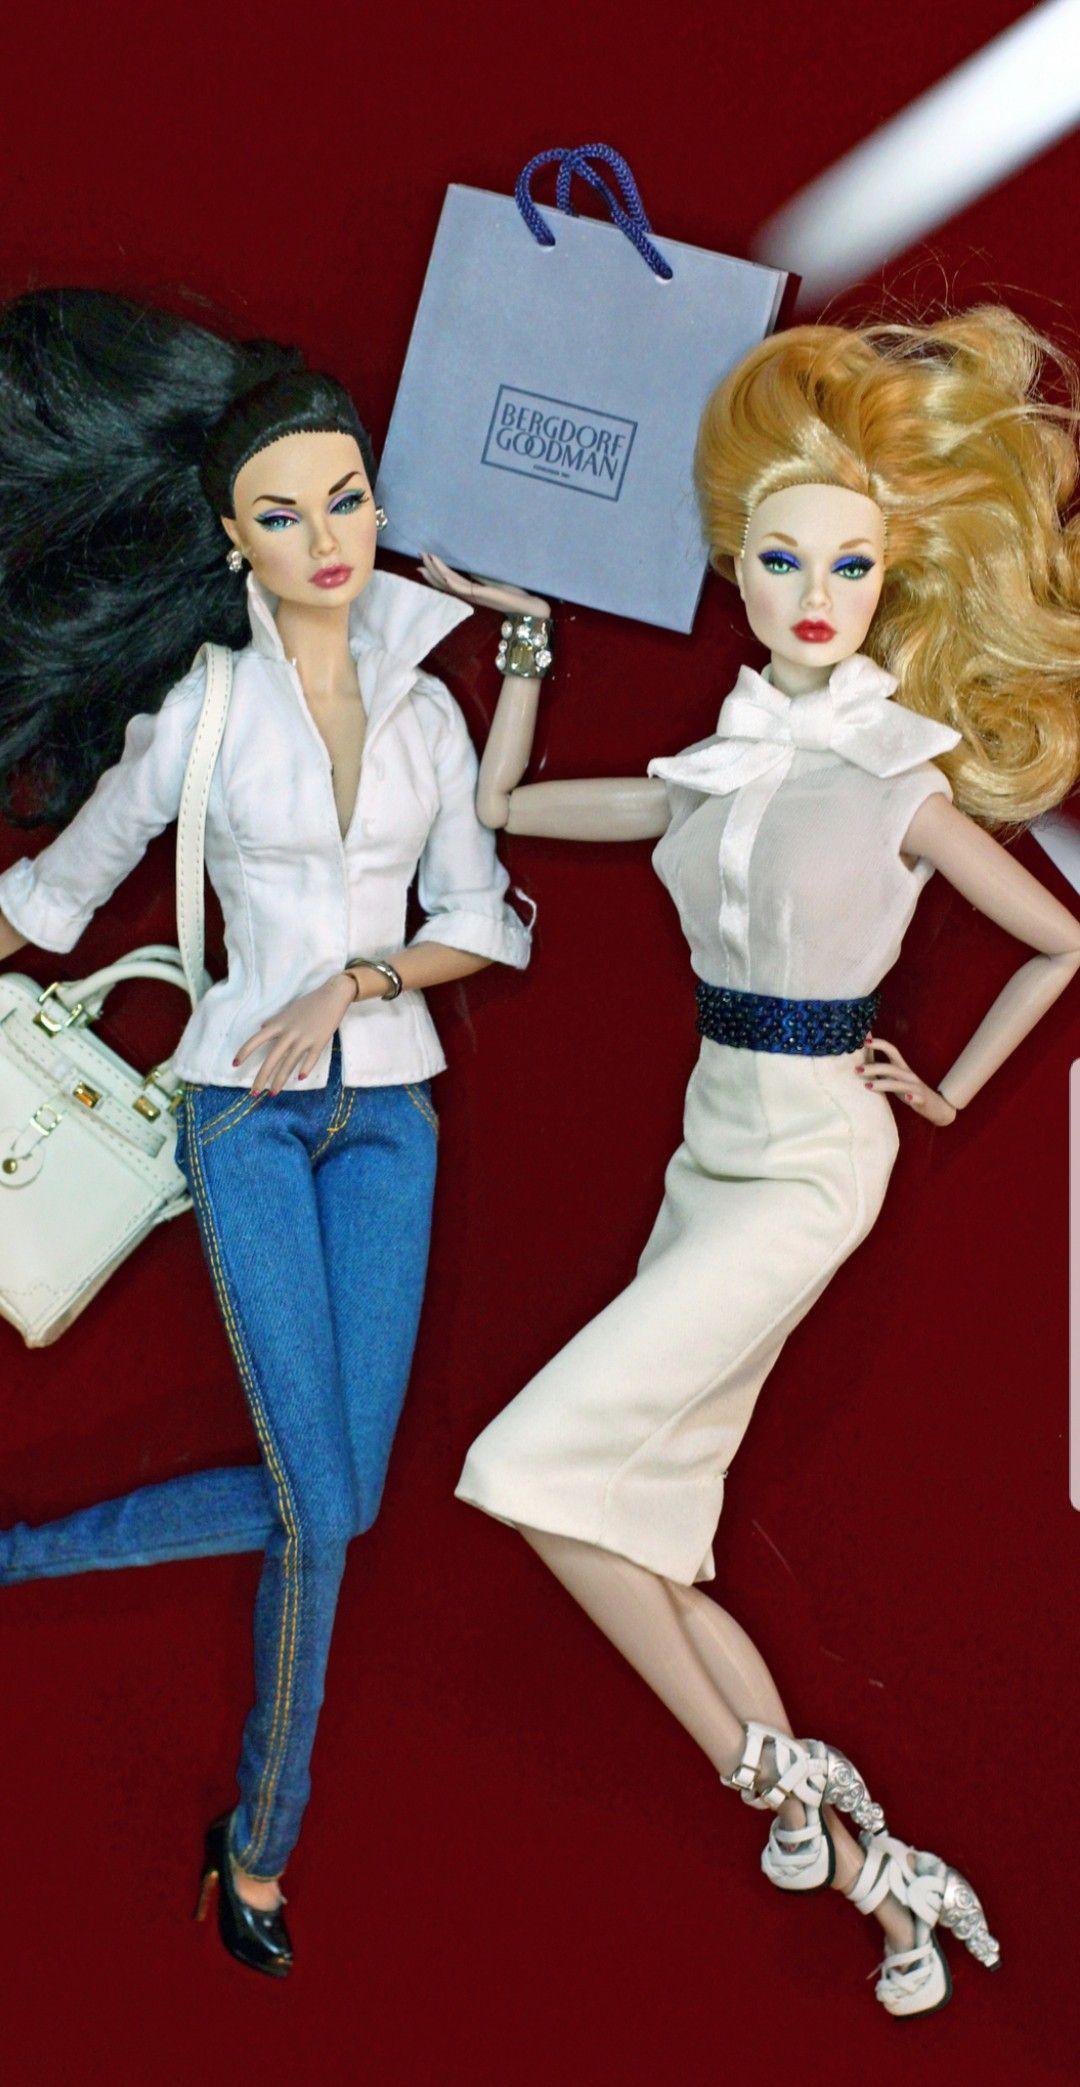 Pin by Rubee-Lynn Quiwa on all poppy parker 2   Barbie clothes, Barbie  fashion, Fashion royalty dolls